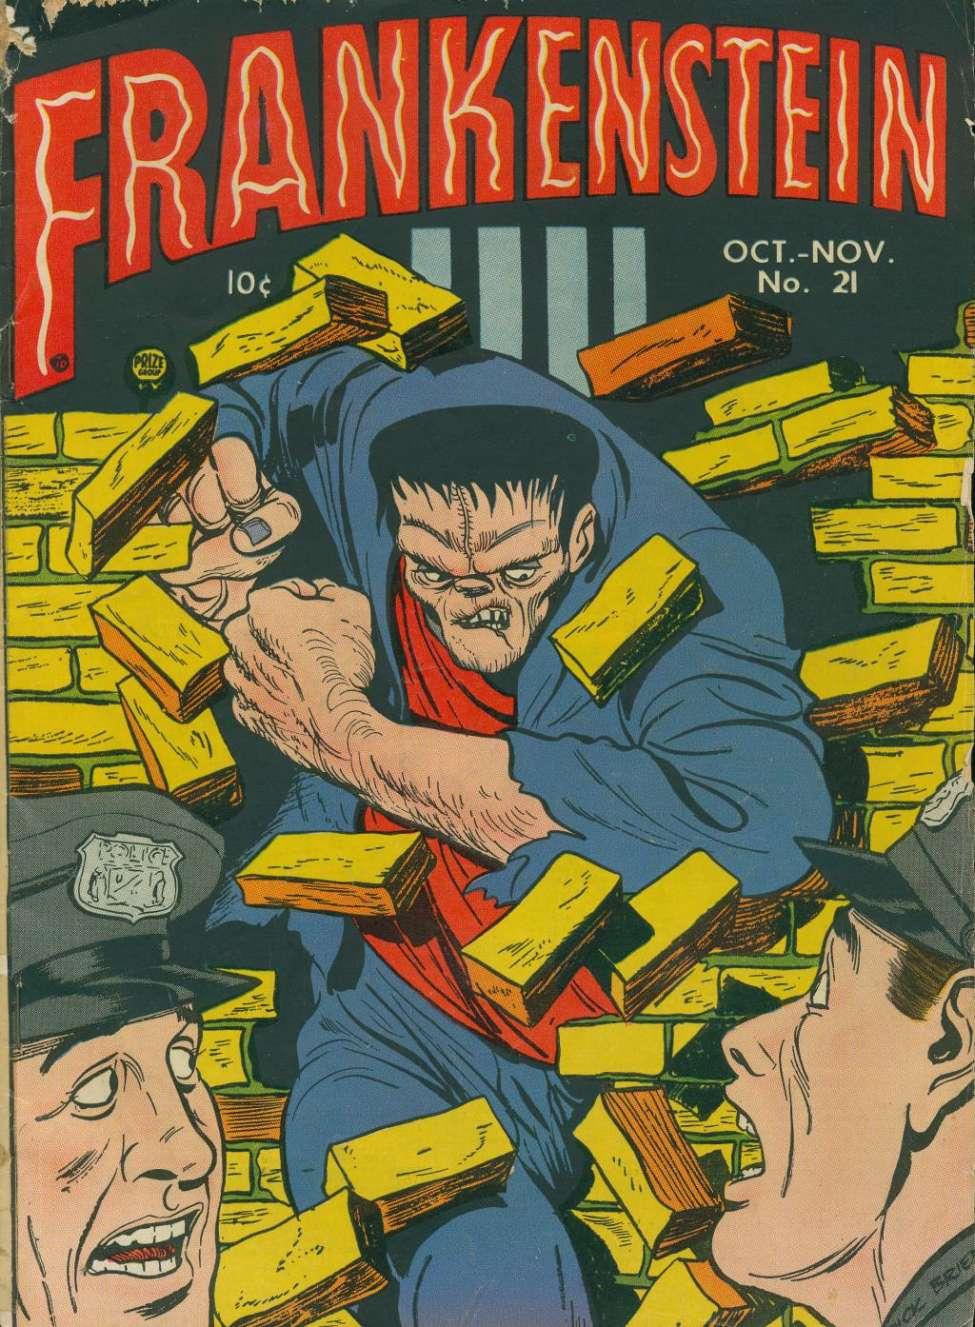 Comic Book Cover For Frankenstein v3 5 (21)